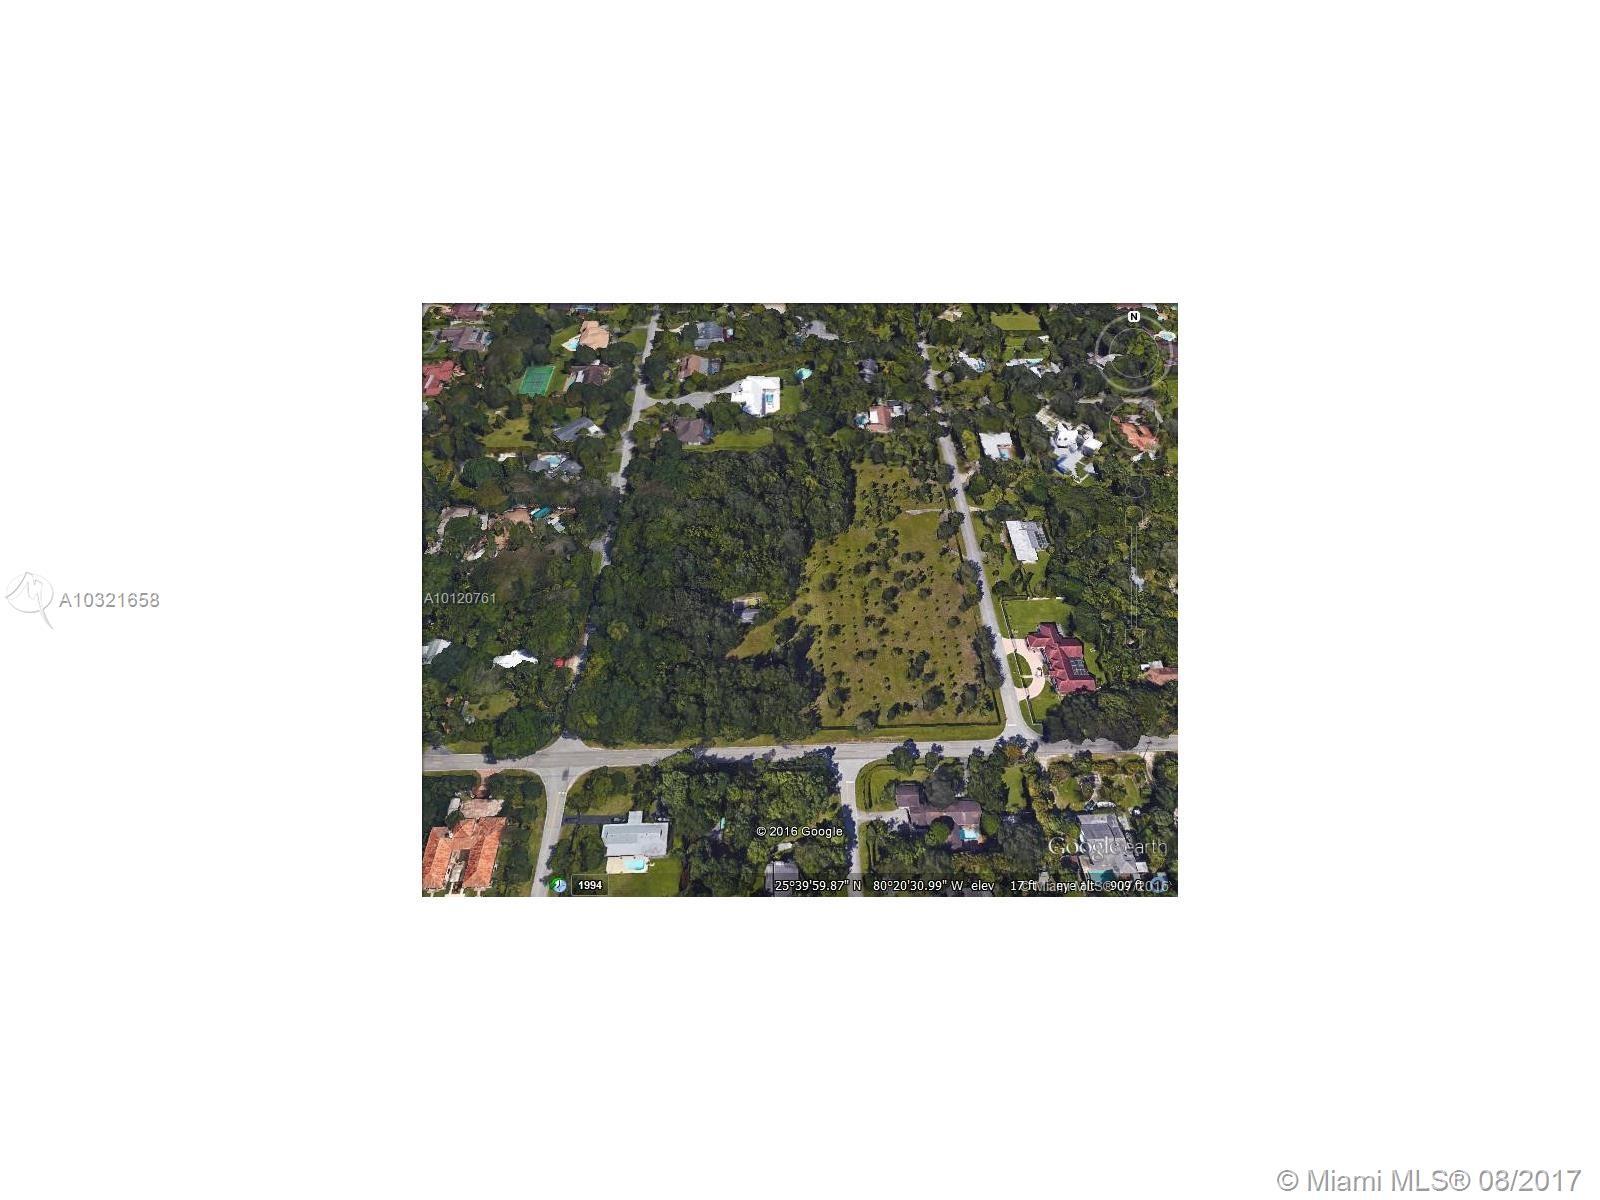 9177 SW 112th St, Miami, FL 33176